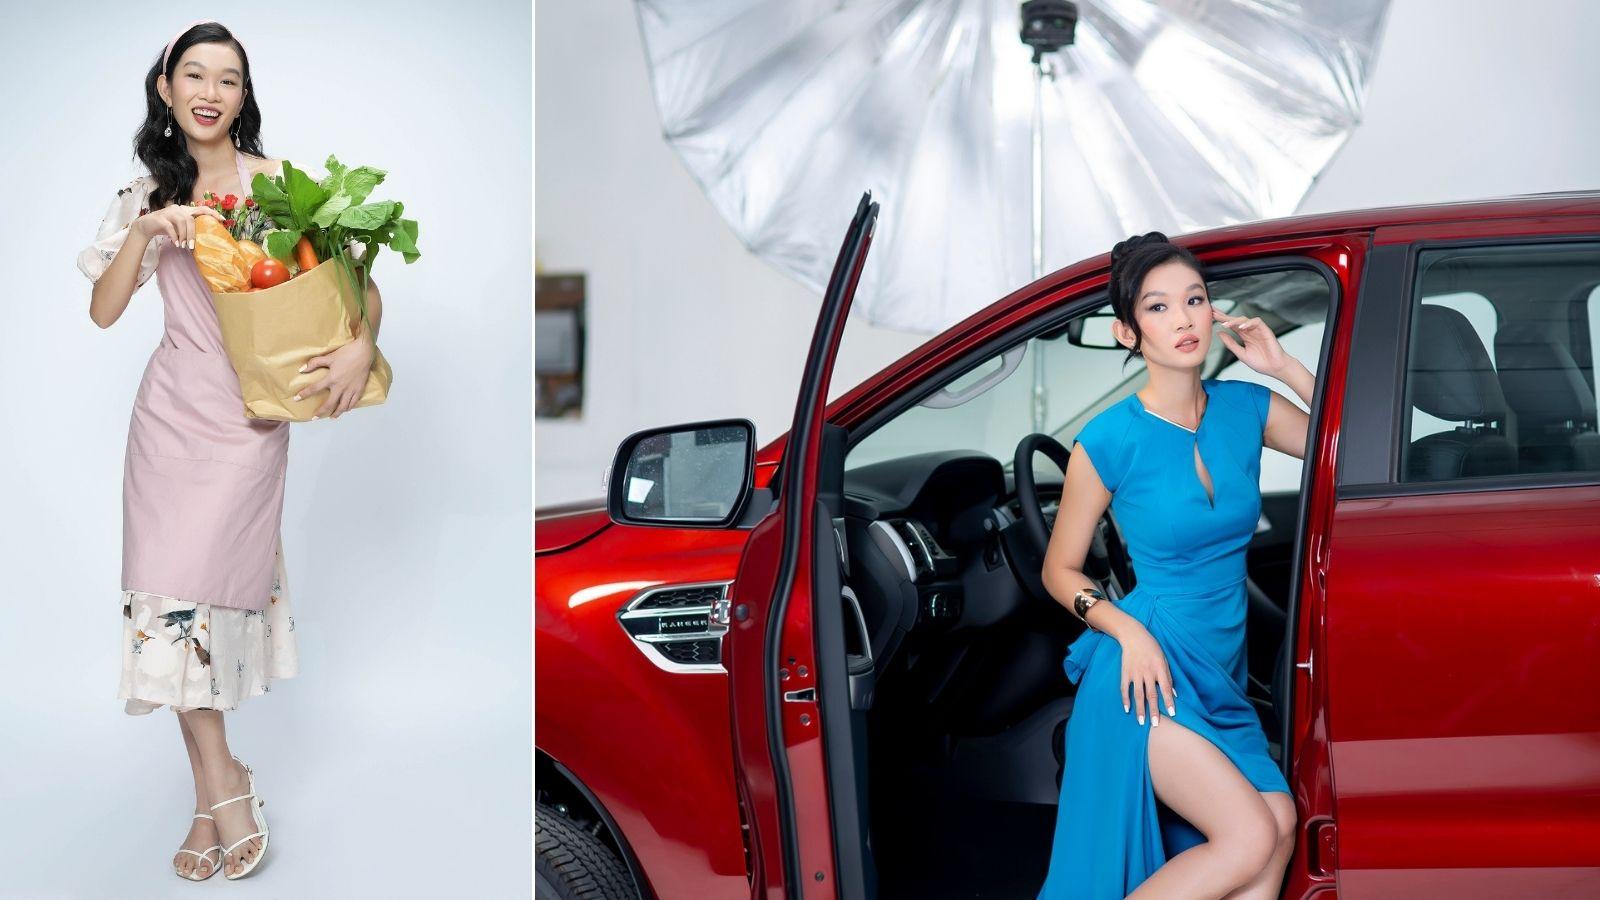 Phụ nữ nhẹ nhàng vẫn có thể tôn lên nét cá tính qua xe bán tải